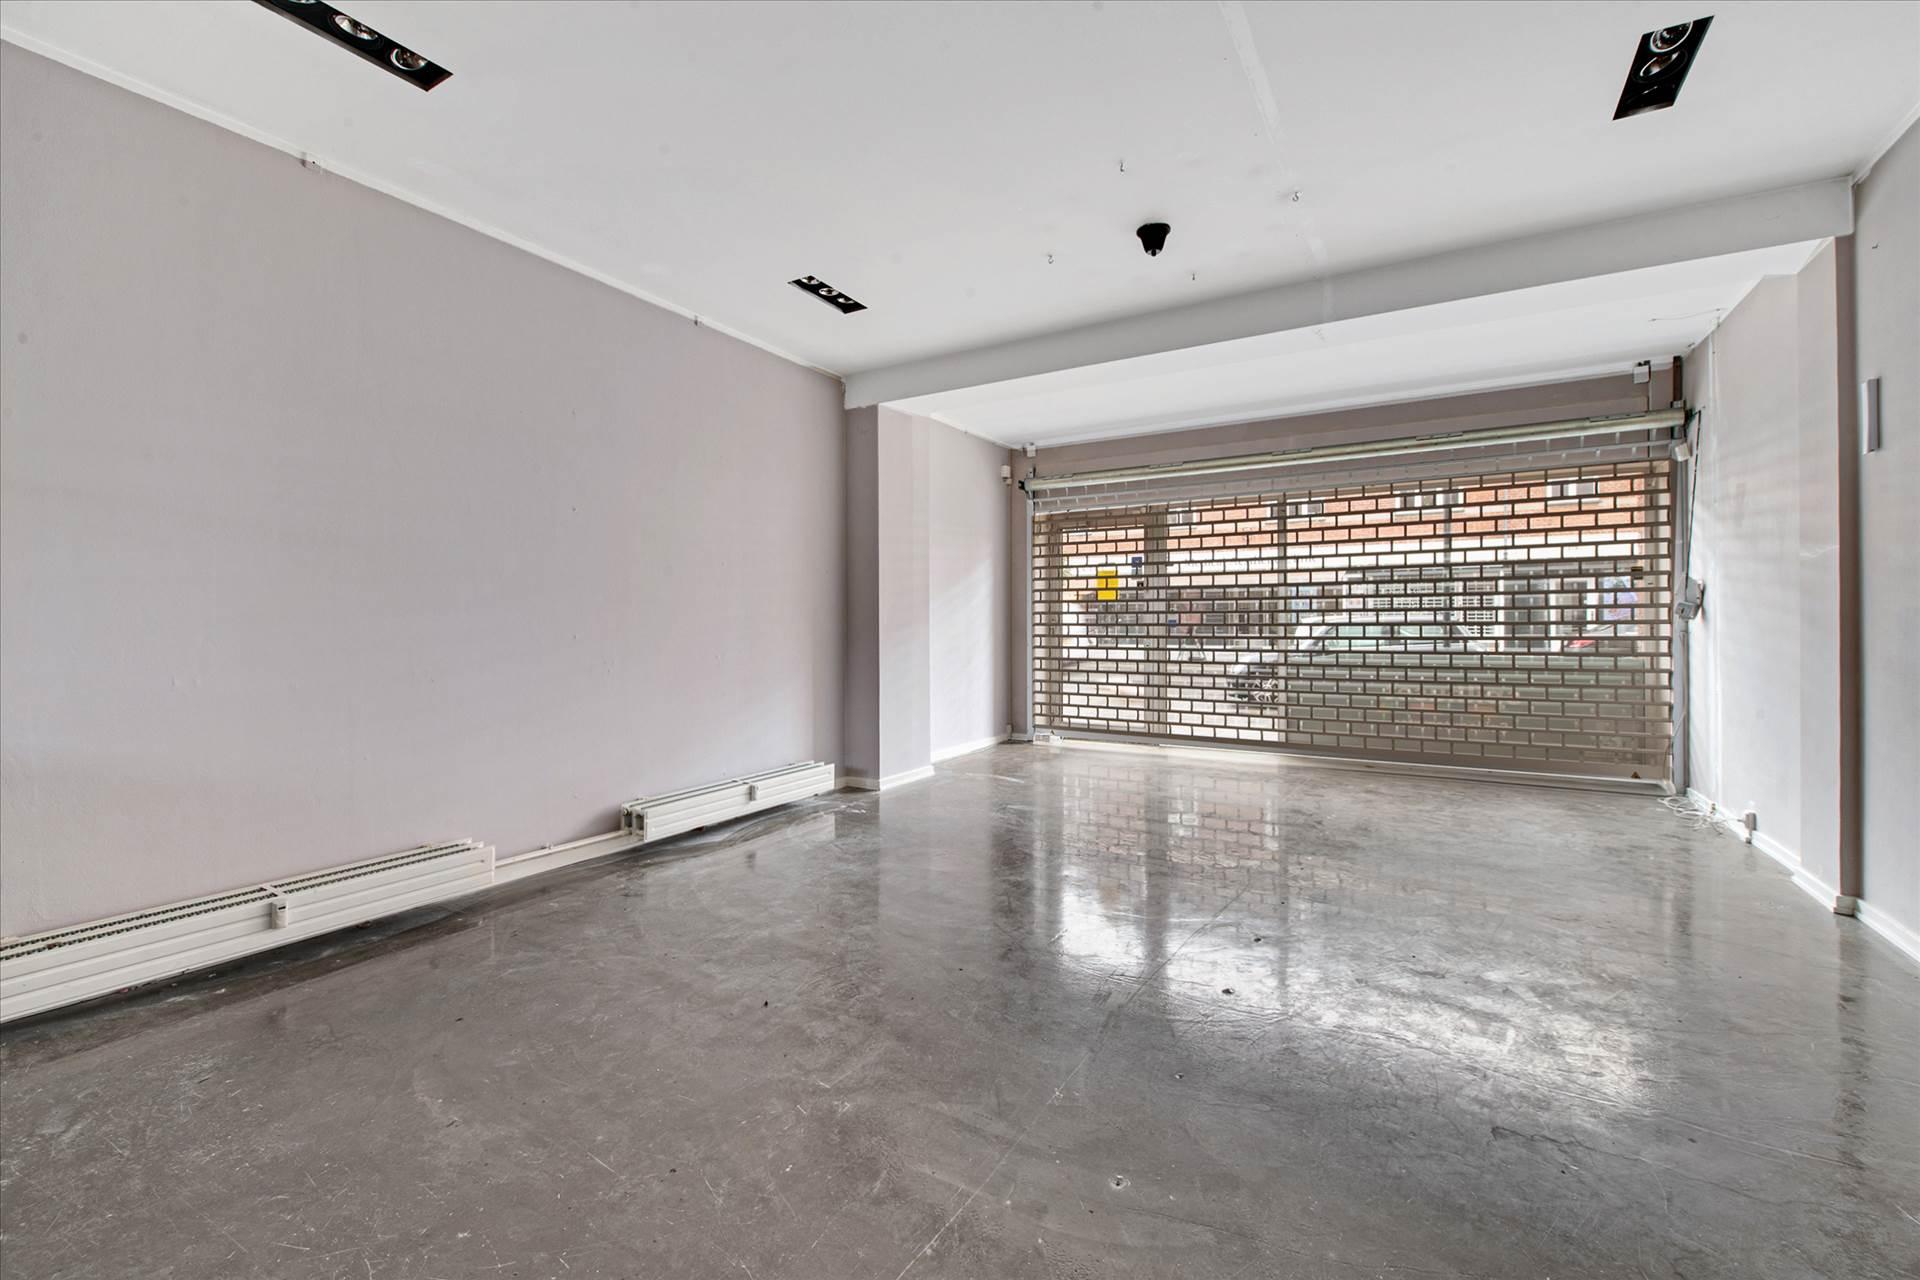 58 m² butik med kælder • Vedbæk